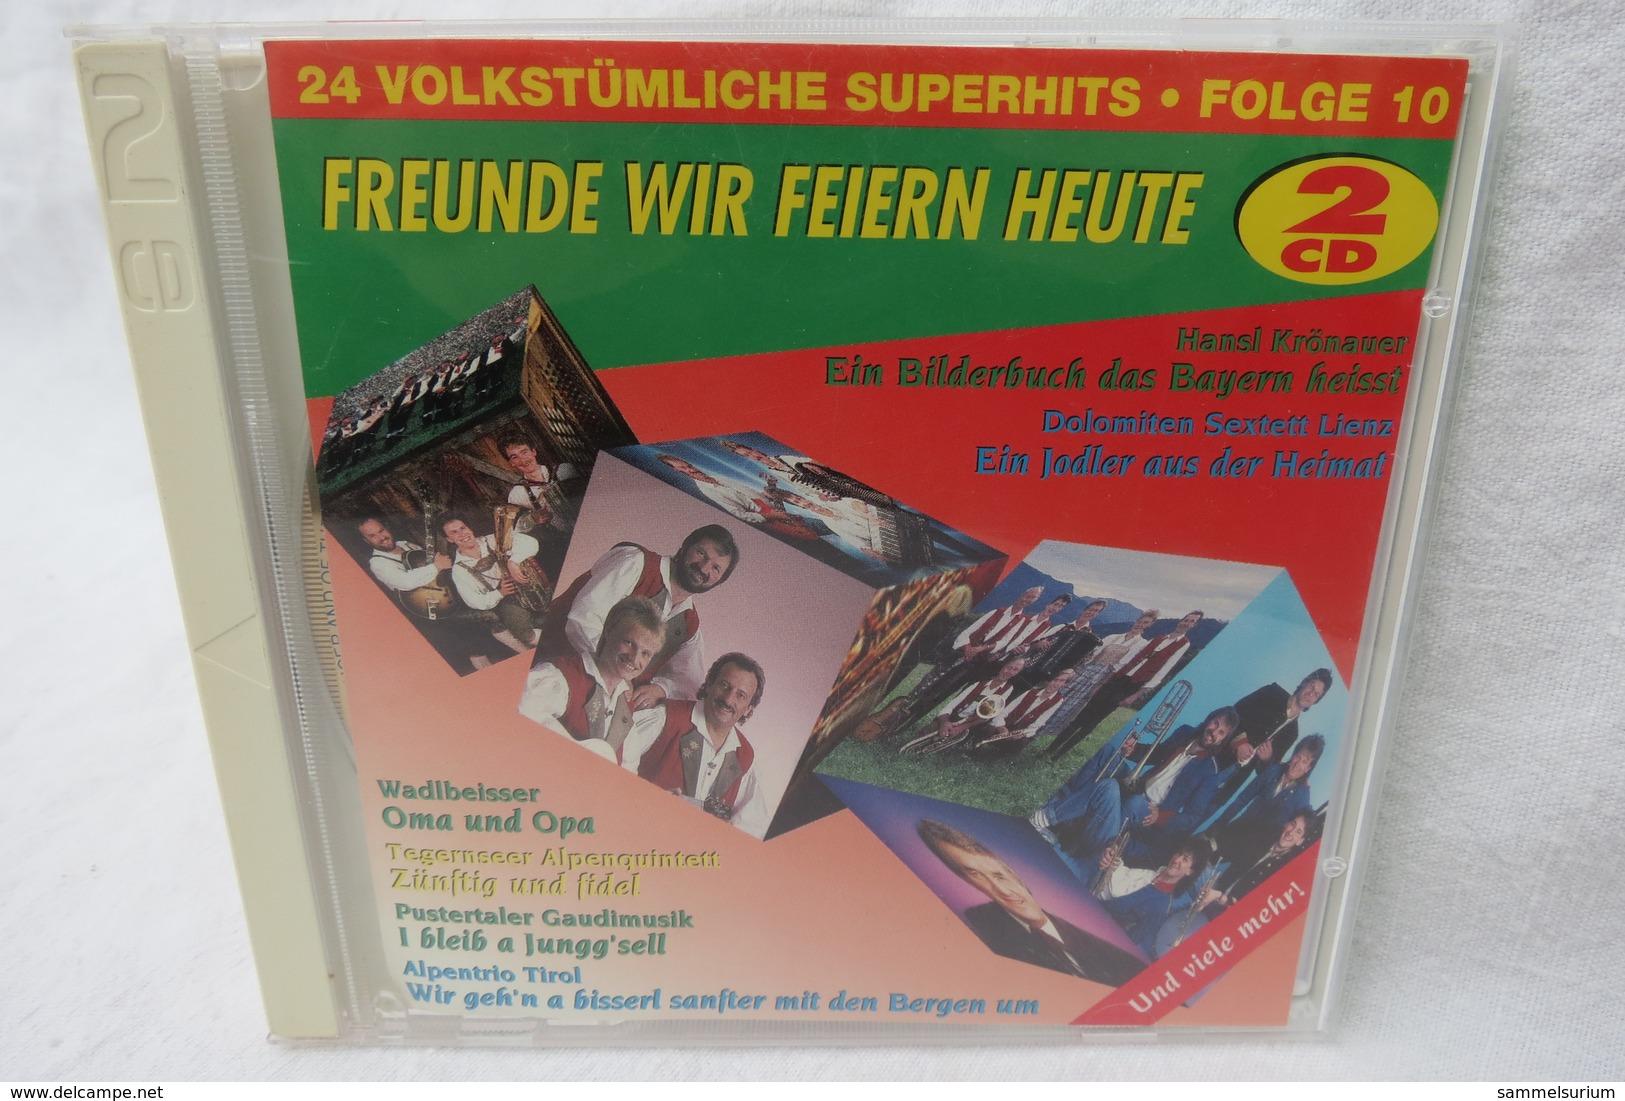 """2 CDs """"Freunde Wir Feiern Heute"""" 24 Volkstümliche Superhits, Folge 10 - Sonstige - Deutsche Musik"""